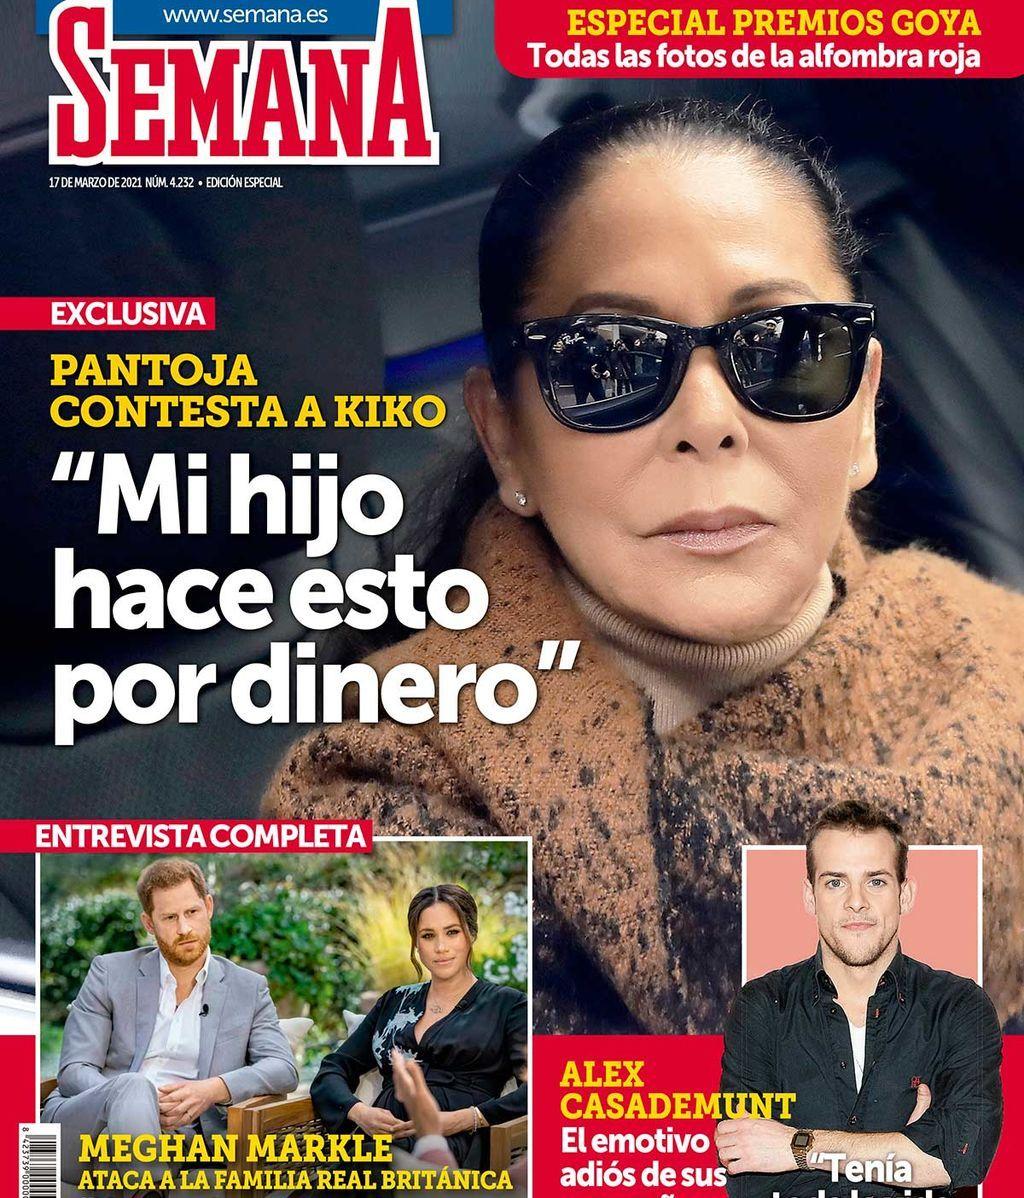 """Isabel Pantoja, portada de Semana: """"Mi hijo hace esto por dinero"""""""